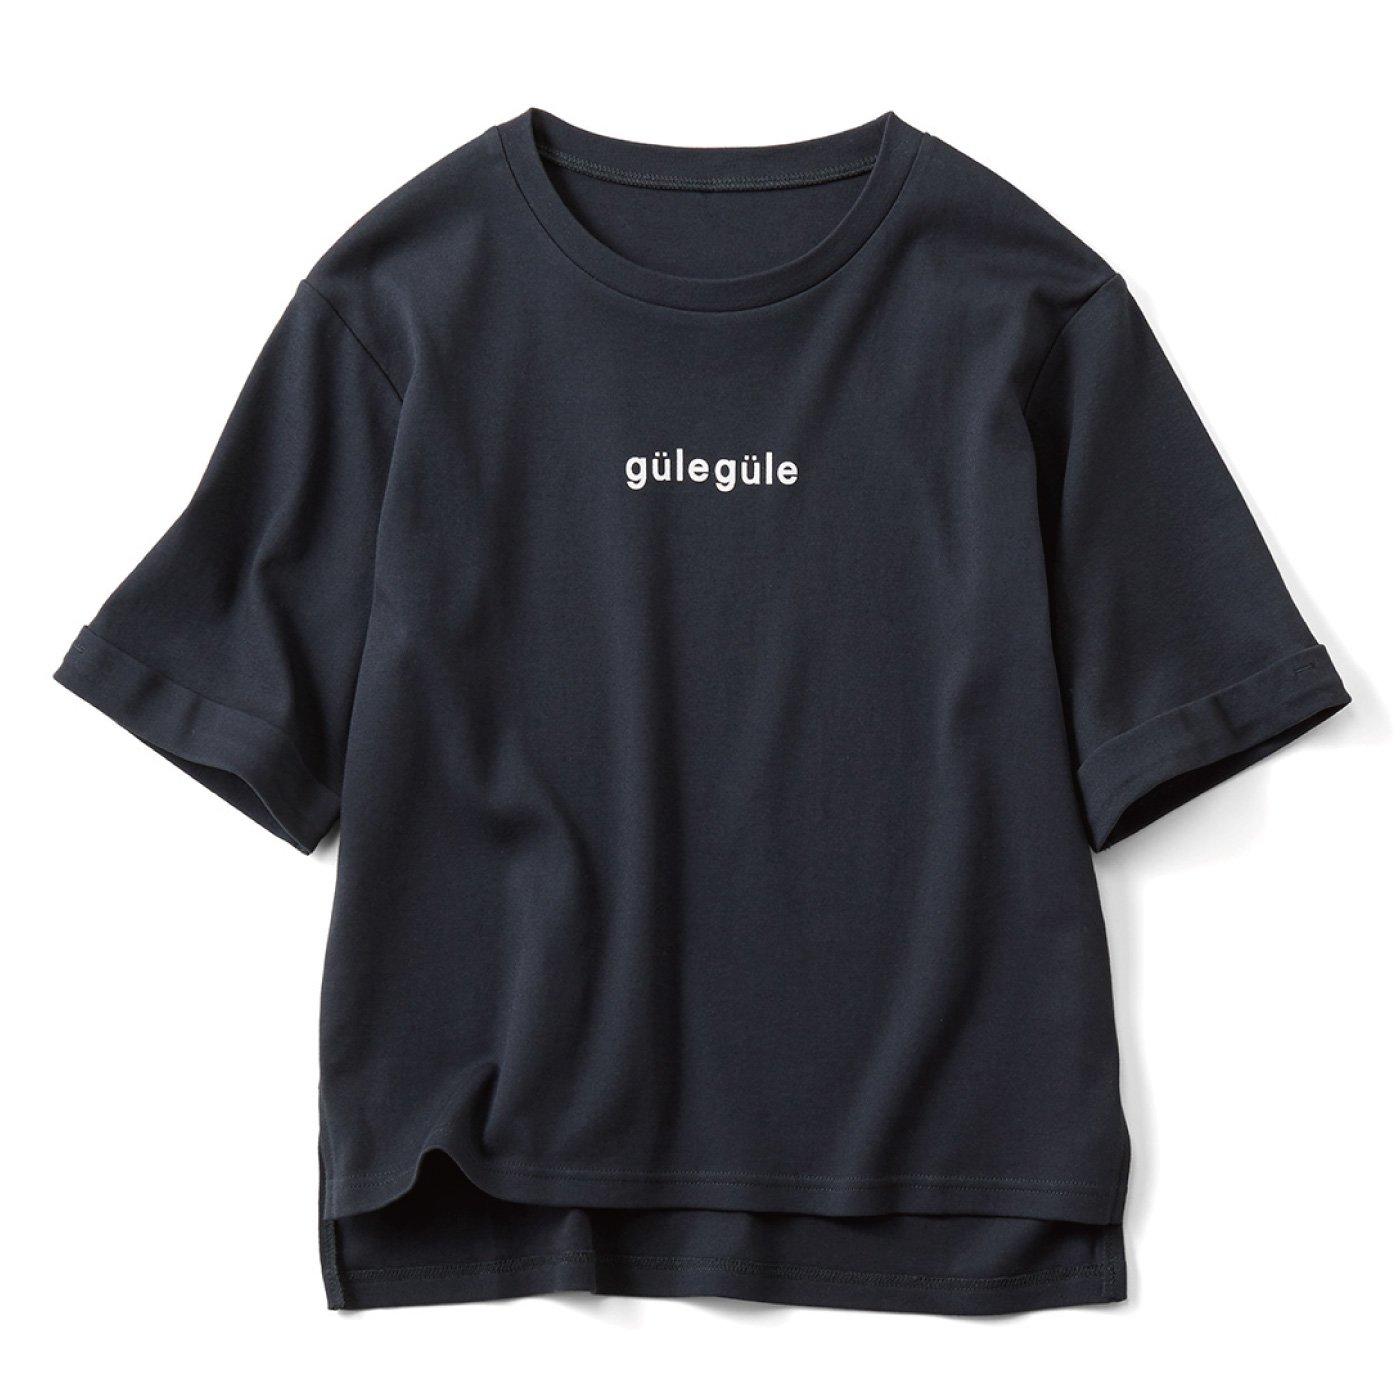 リブ イン コンフォート さらっとした手ざわりがやみつきの五分袖コットンロゴTシャツ〈ダークネイビー〉